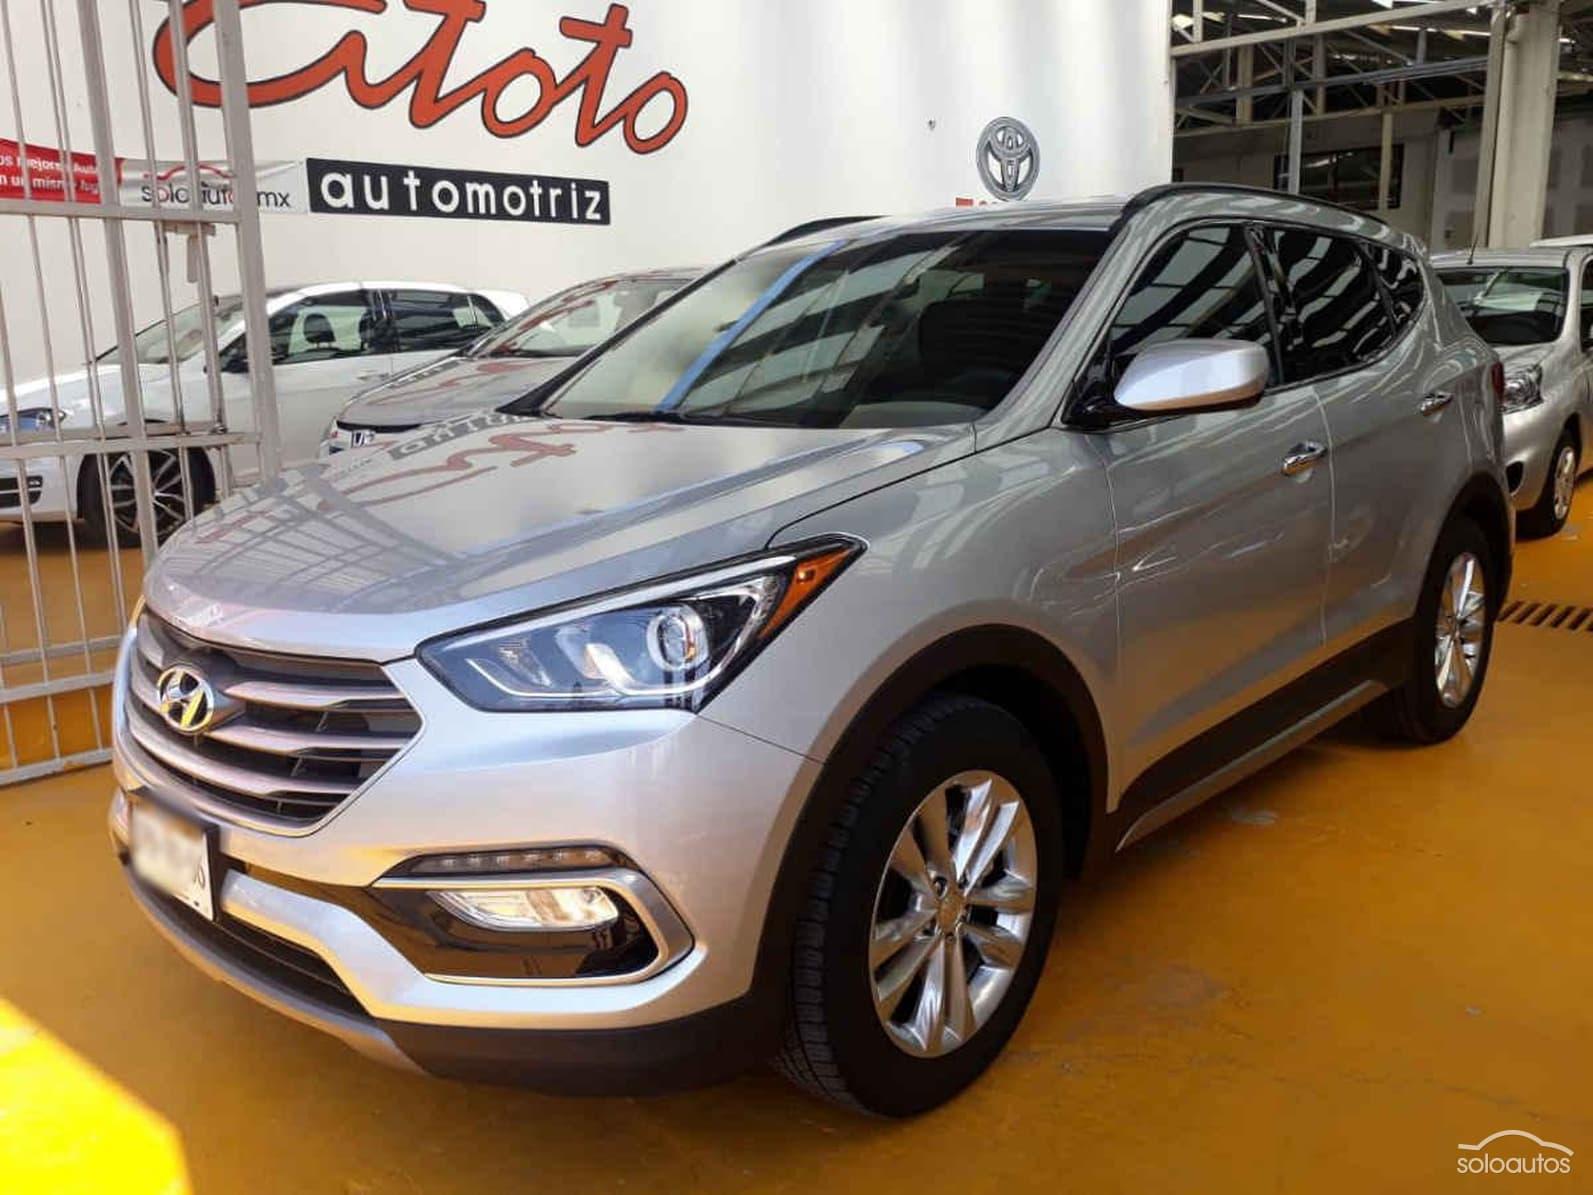 Hyundai Santa 2018